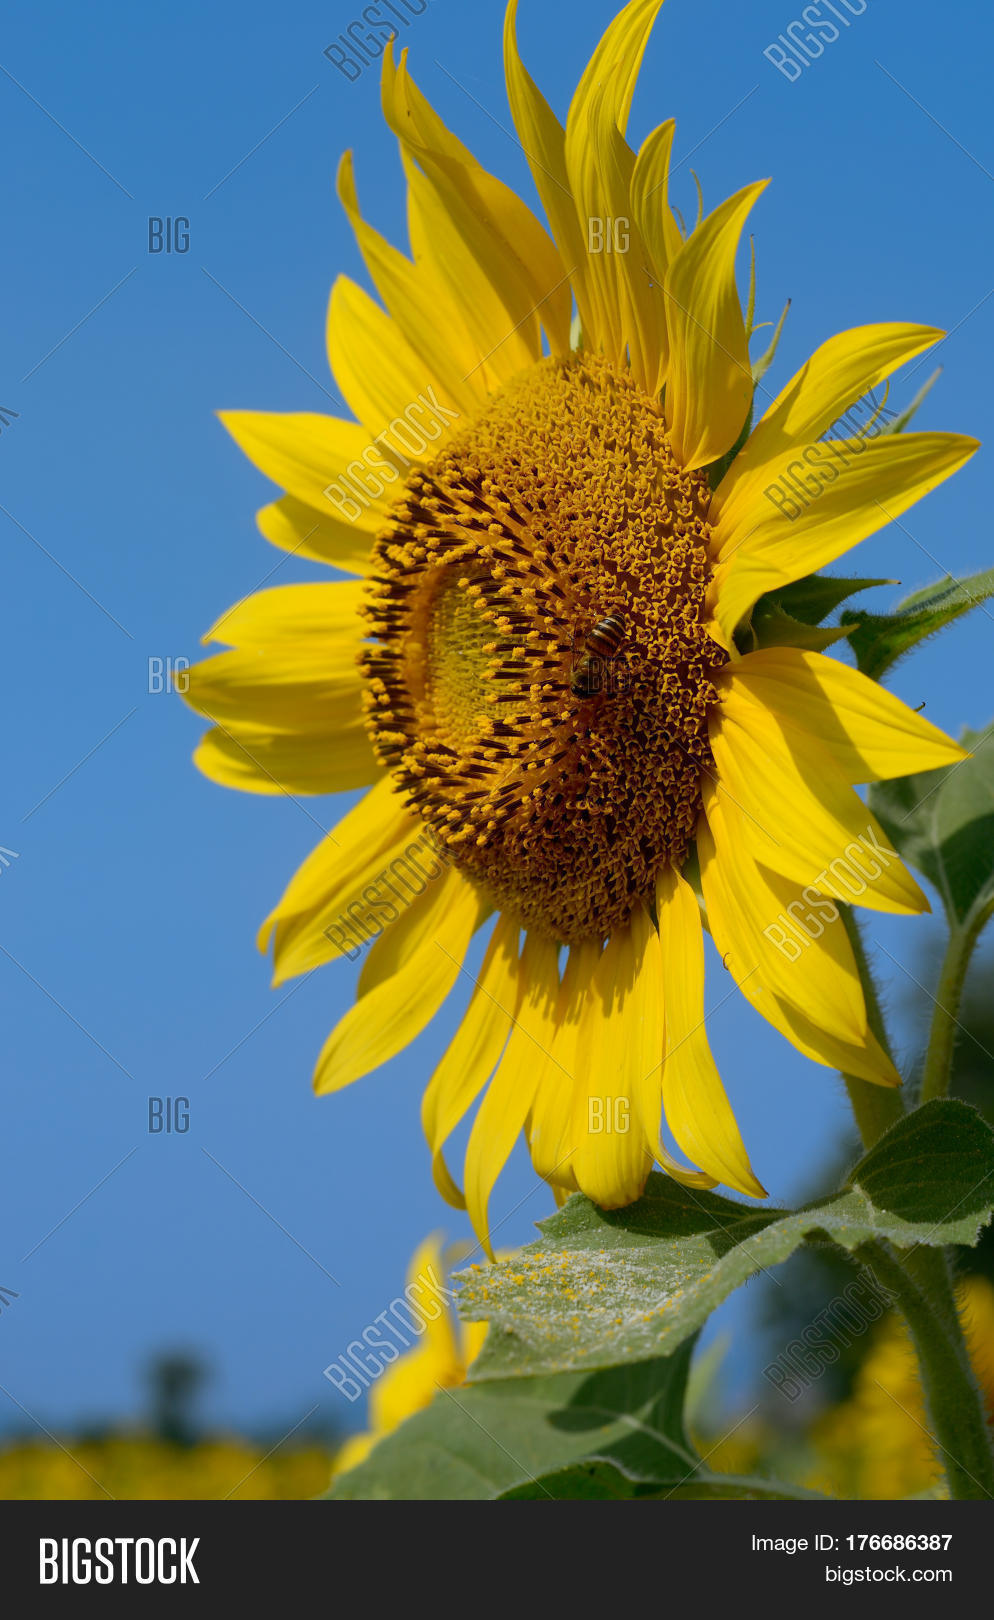 sunflower thai gratis porrfilm i mobilen